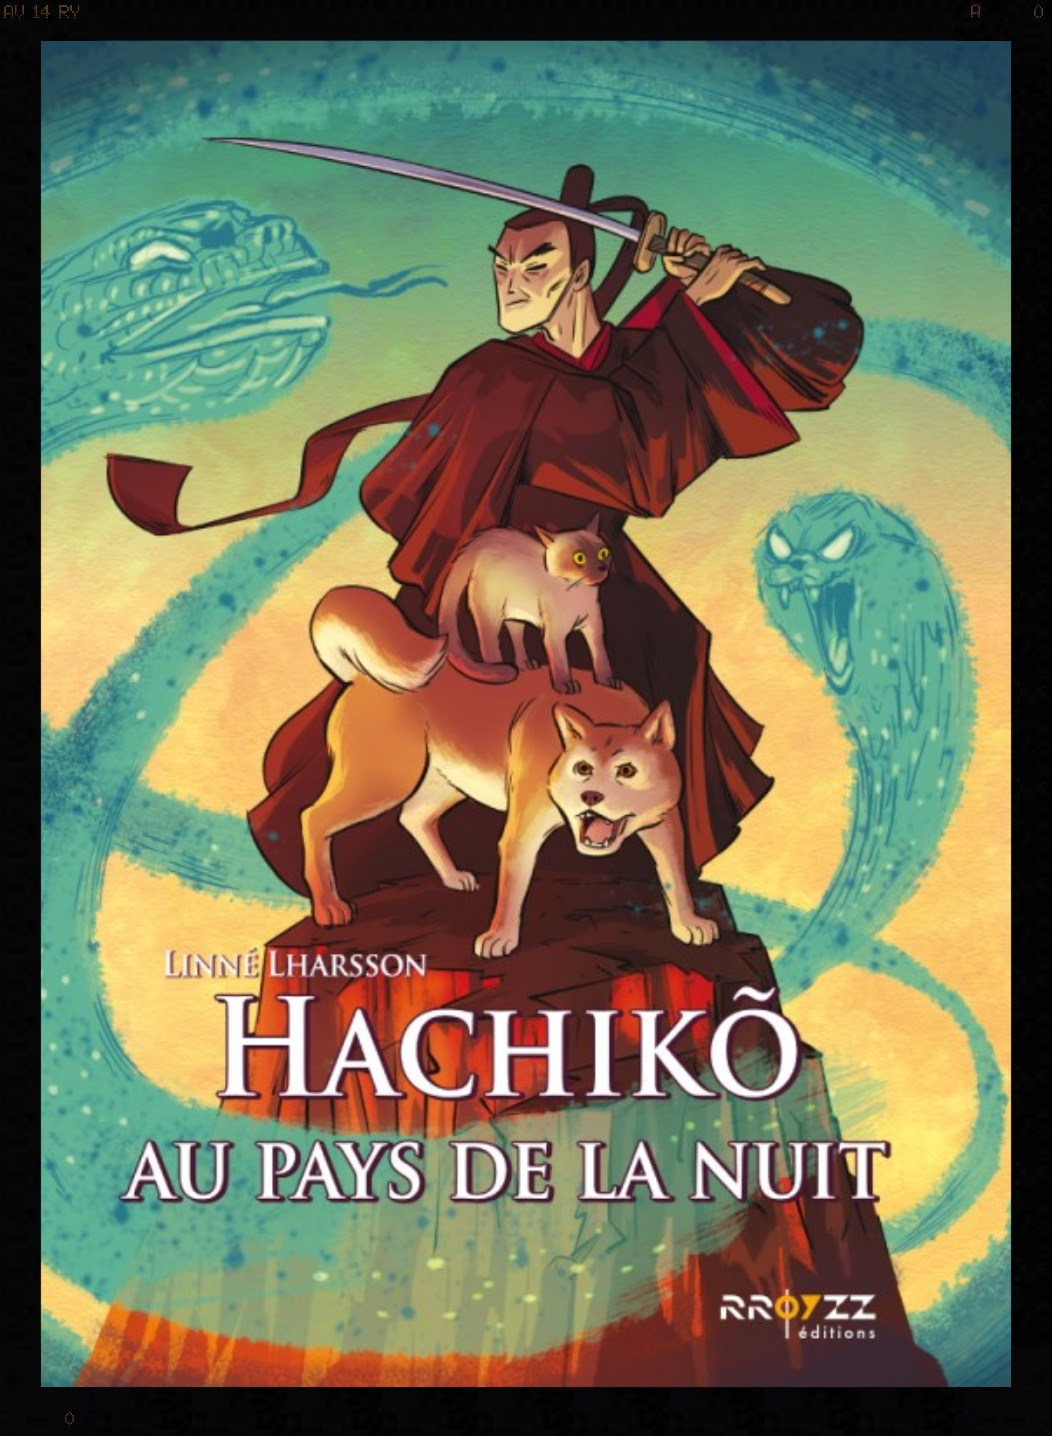 Hachiko